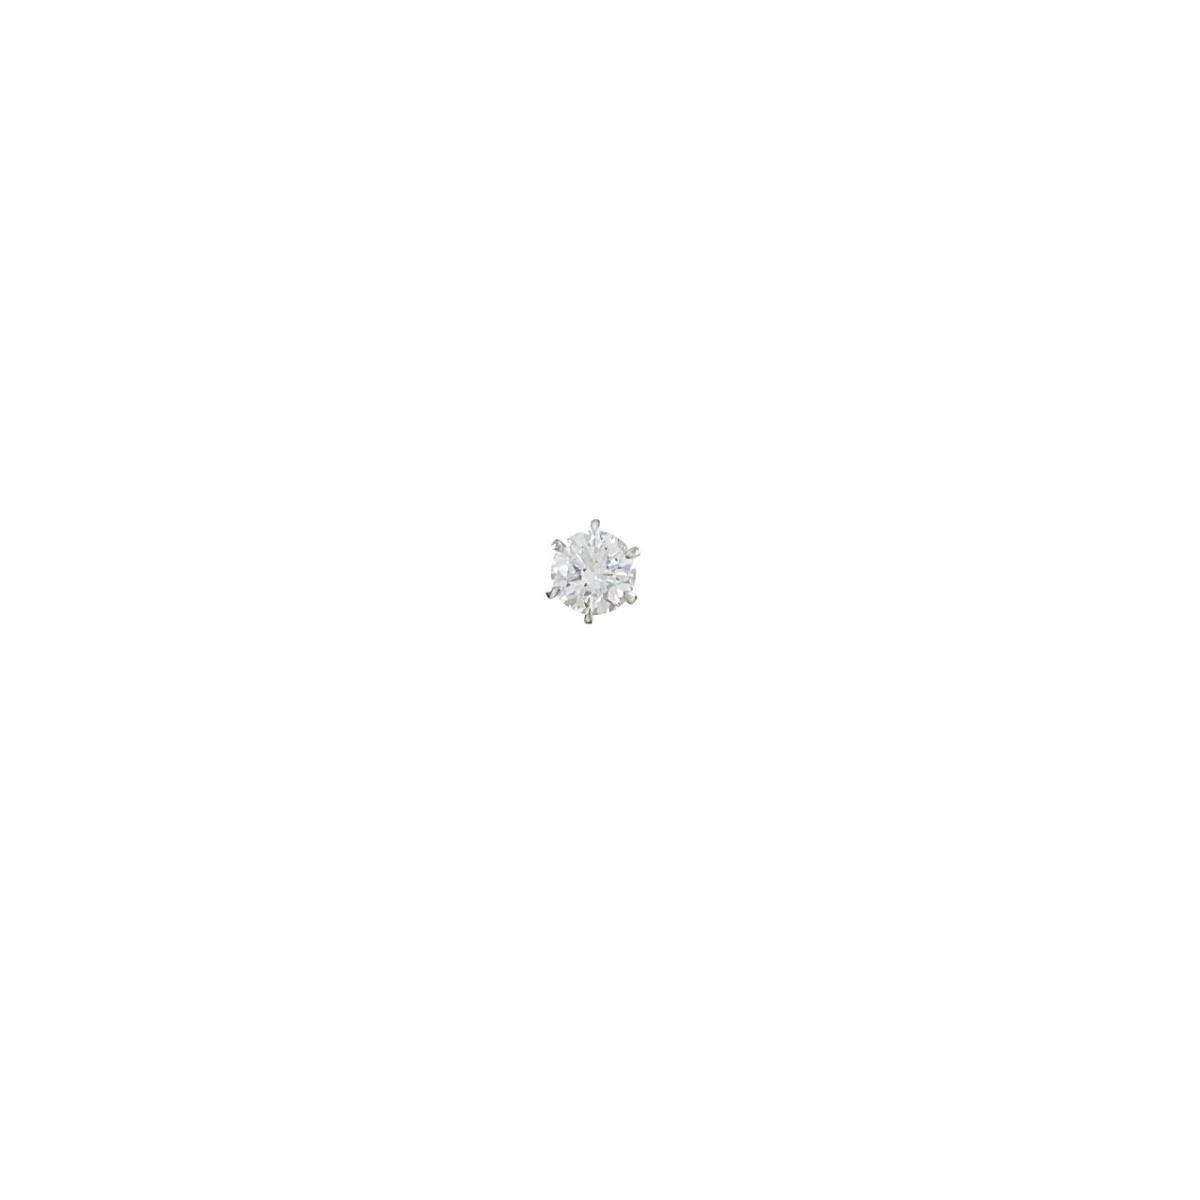 【リメイク】プラチナ/ST ダイヤモンドピアス 0.654ct・D・SI2・GOOD 片耳【中古】